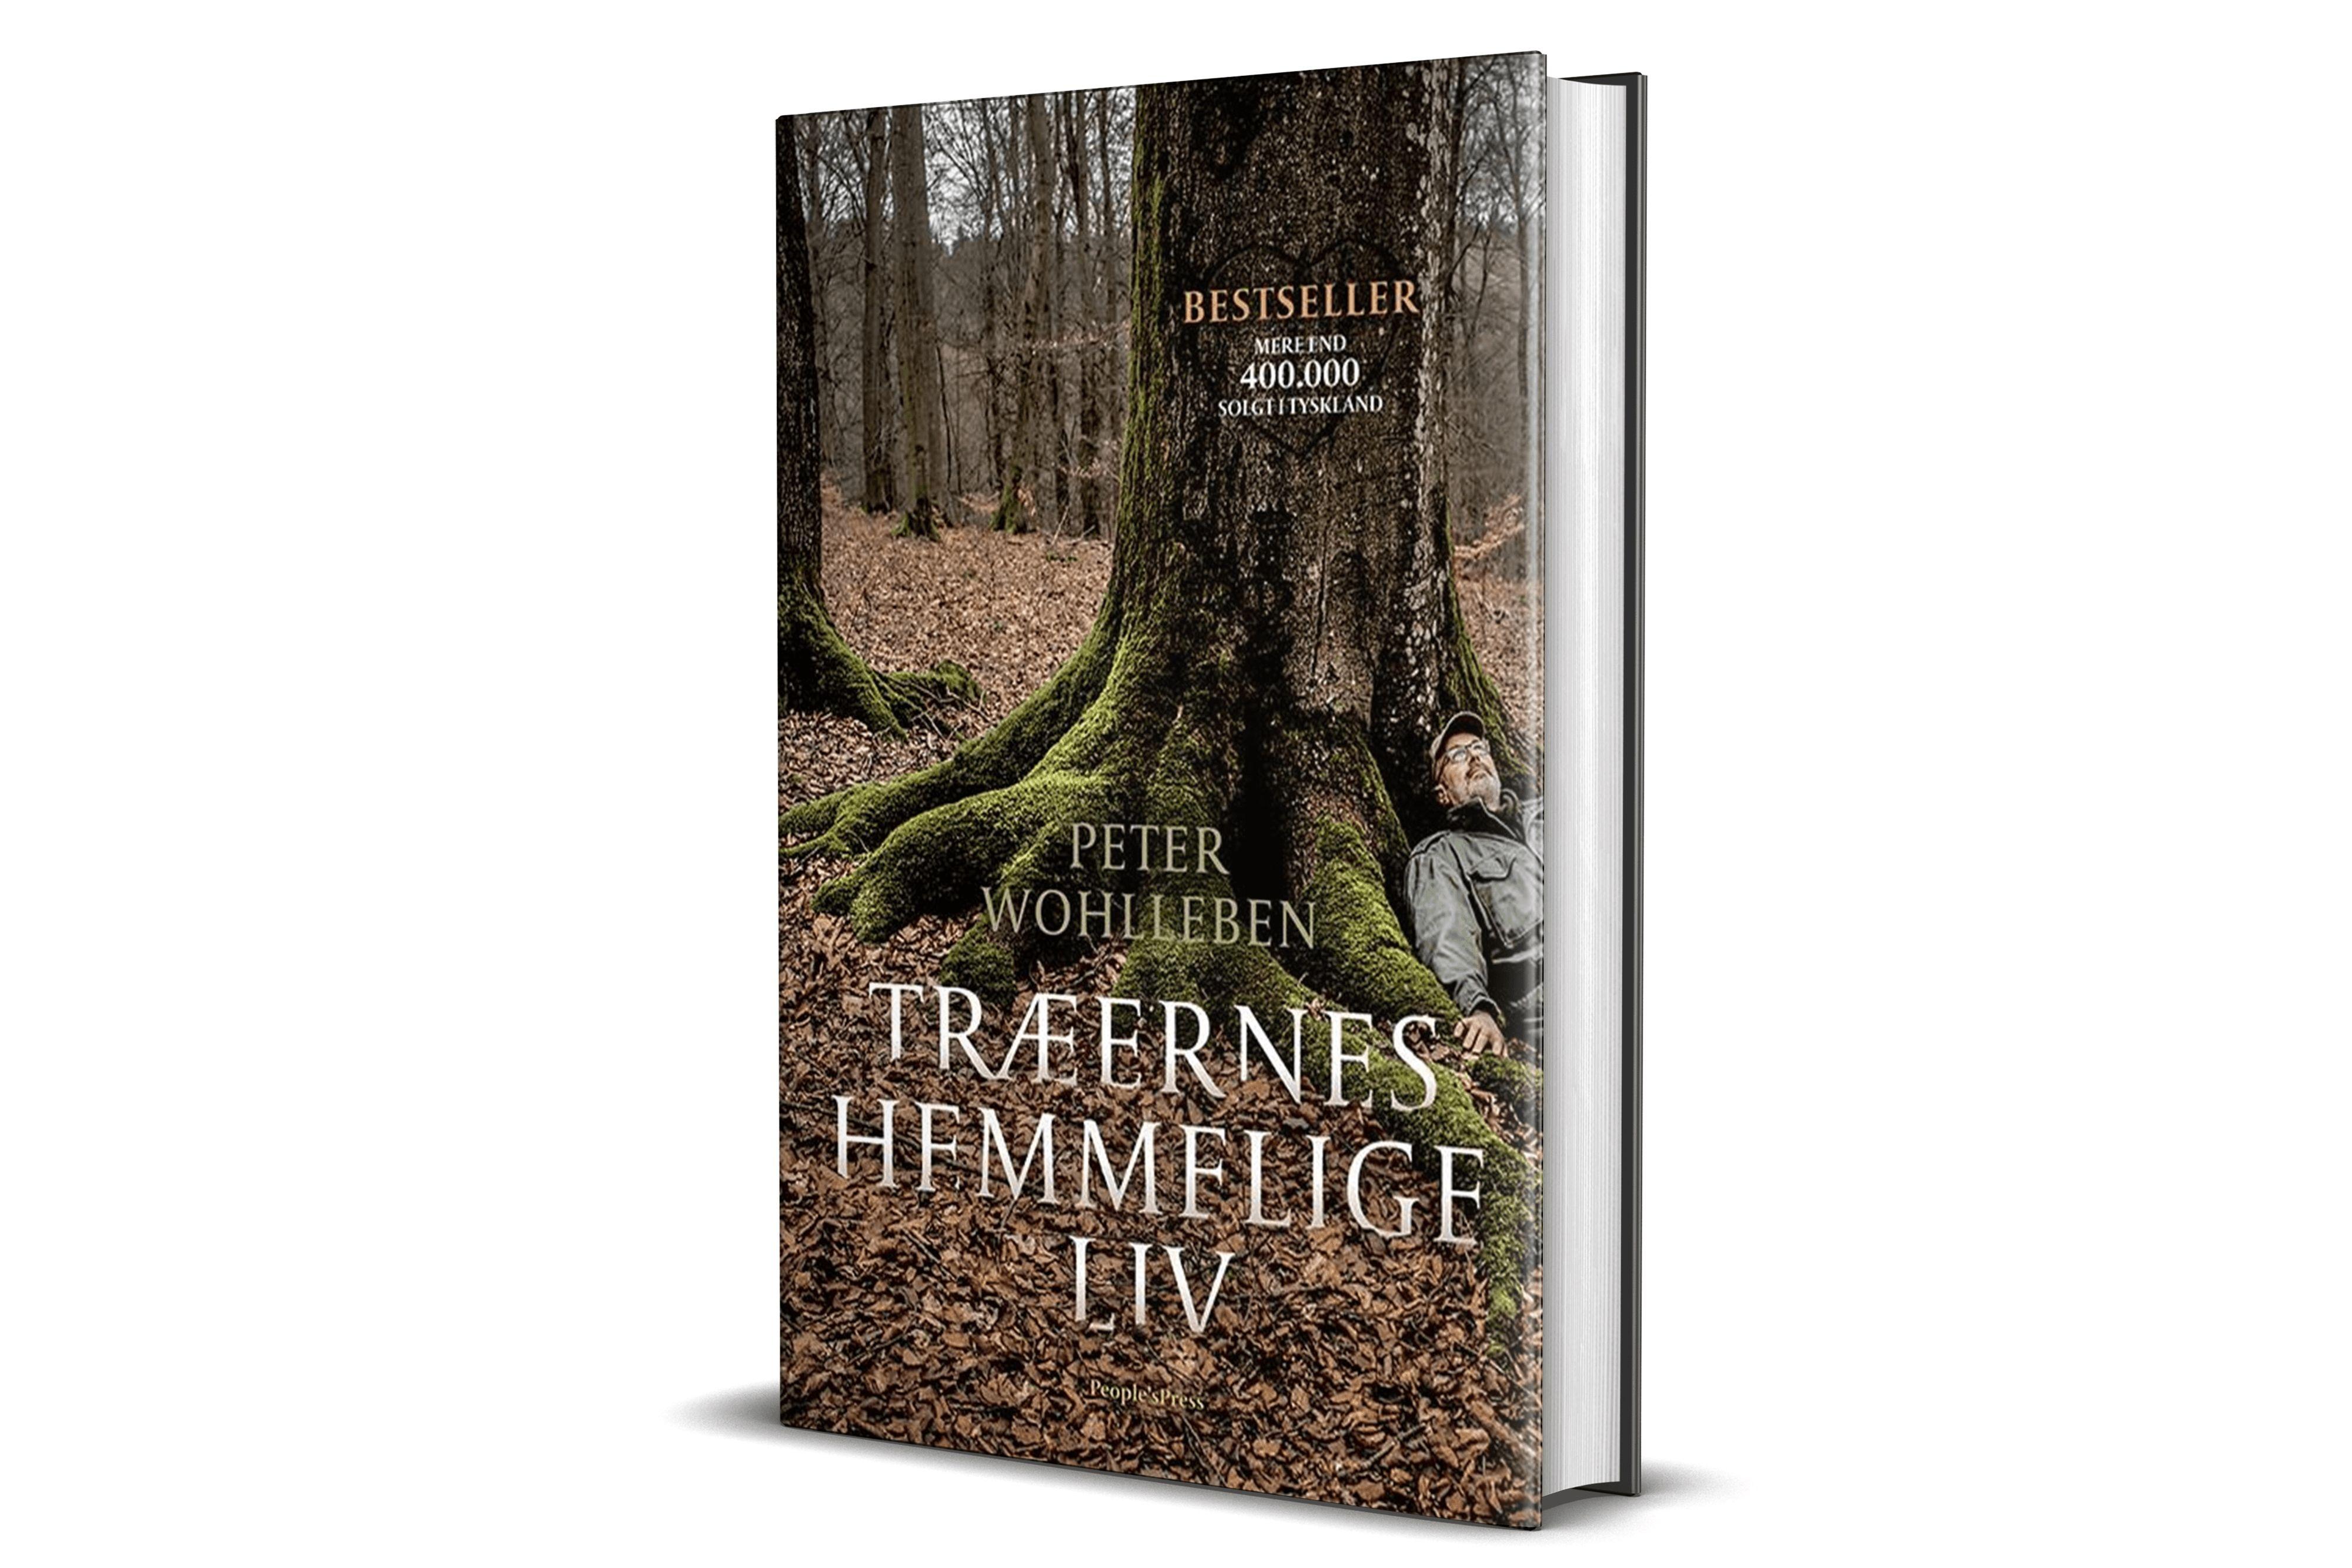 'Træernes hemmelige liv' af Peter Wohlleben